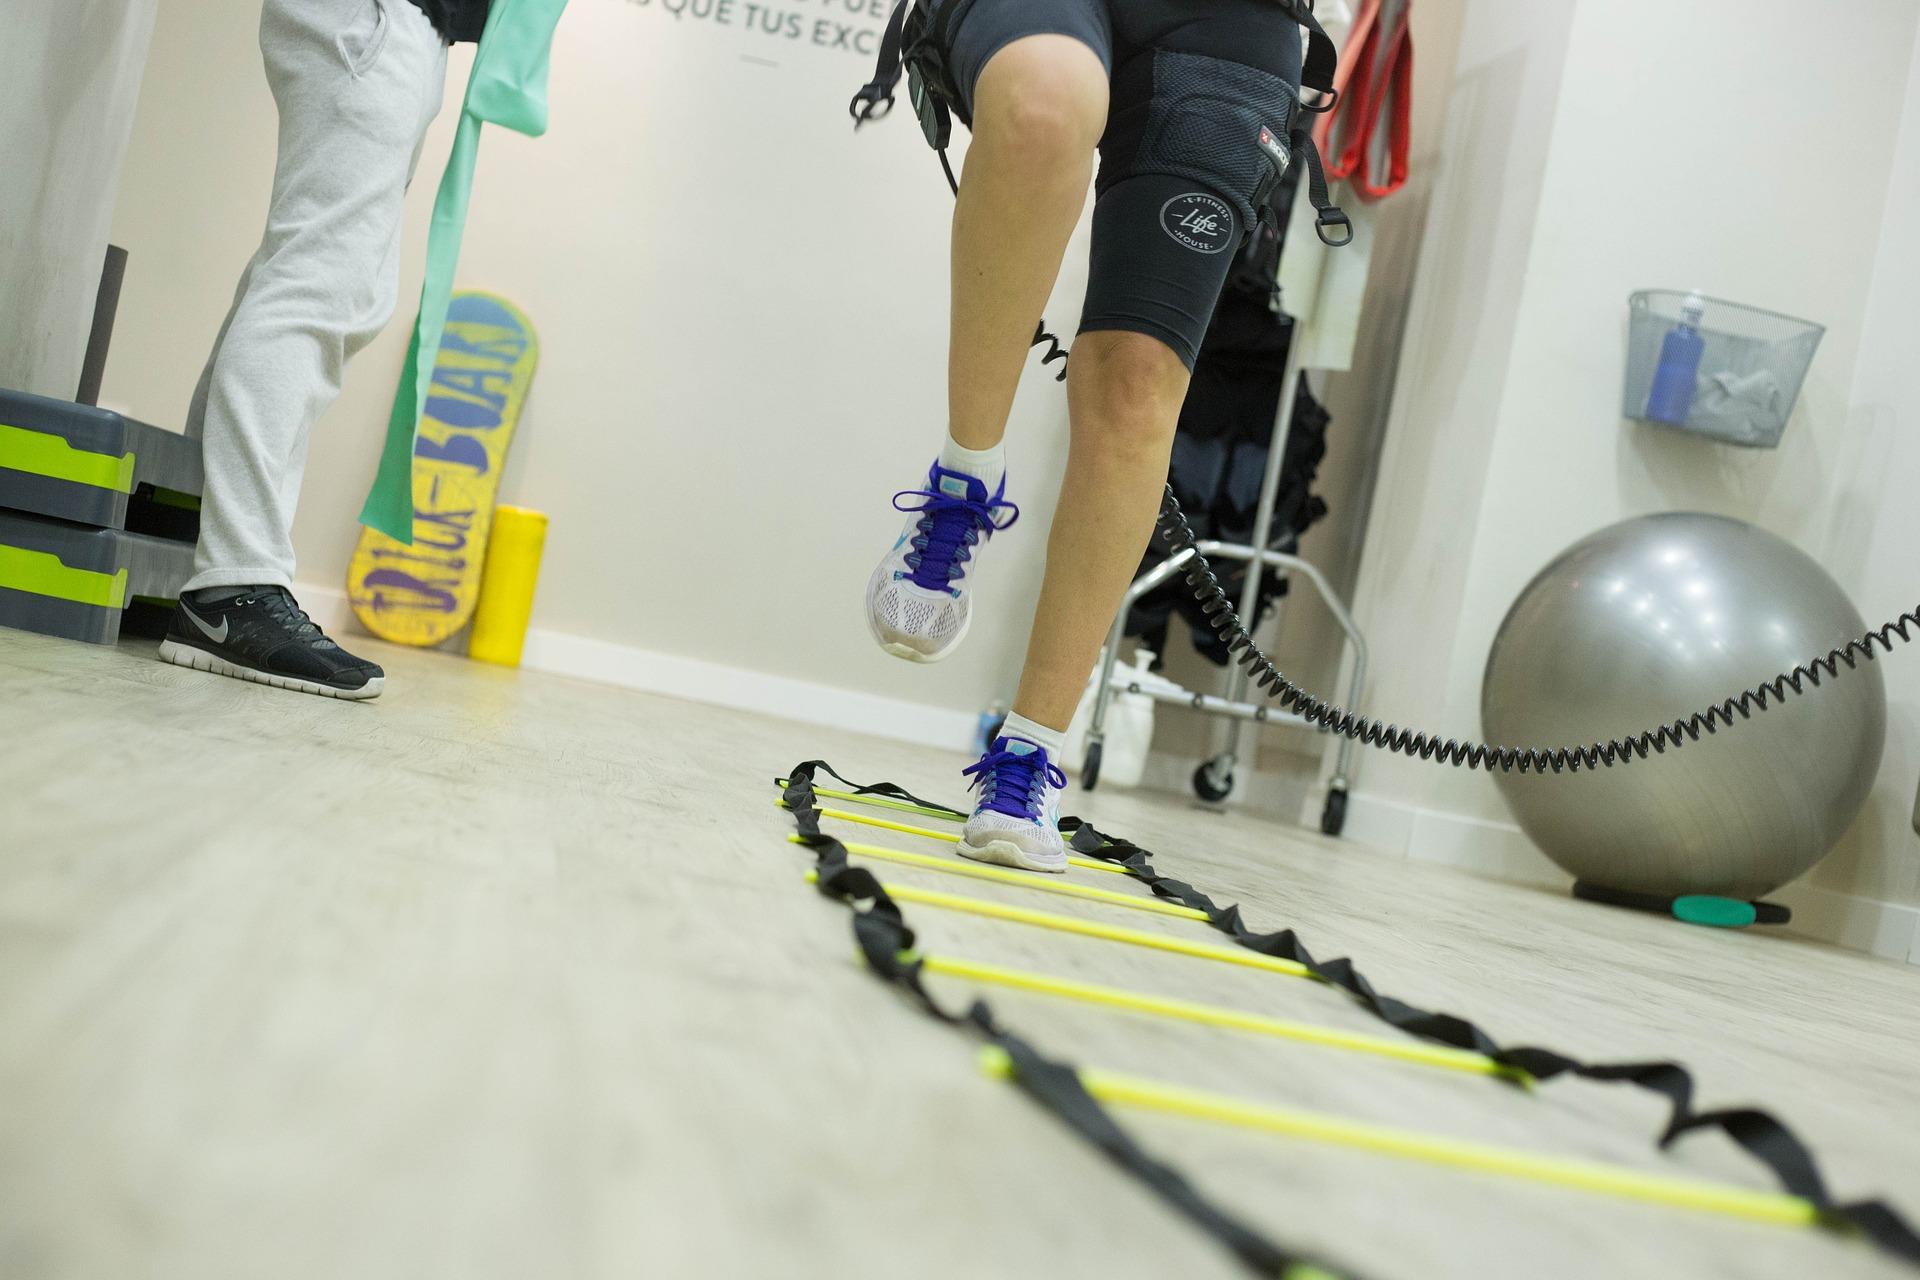 Fisioterapia e sport: cosa fa il fisioterapista sportivo? 1